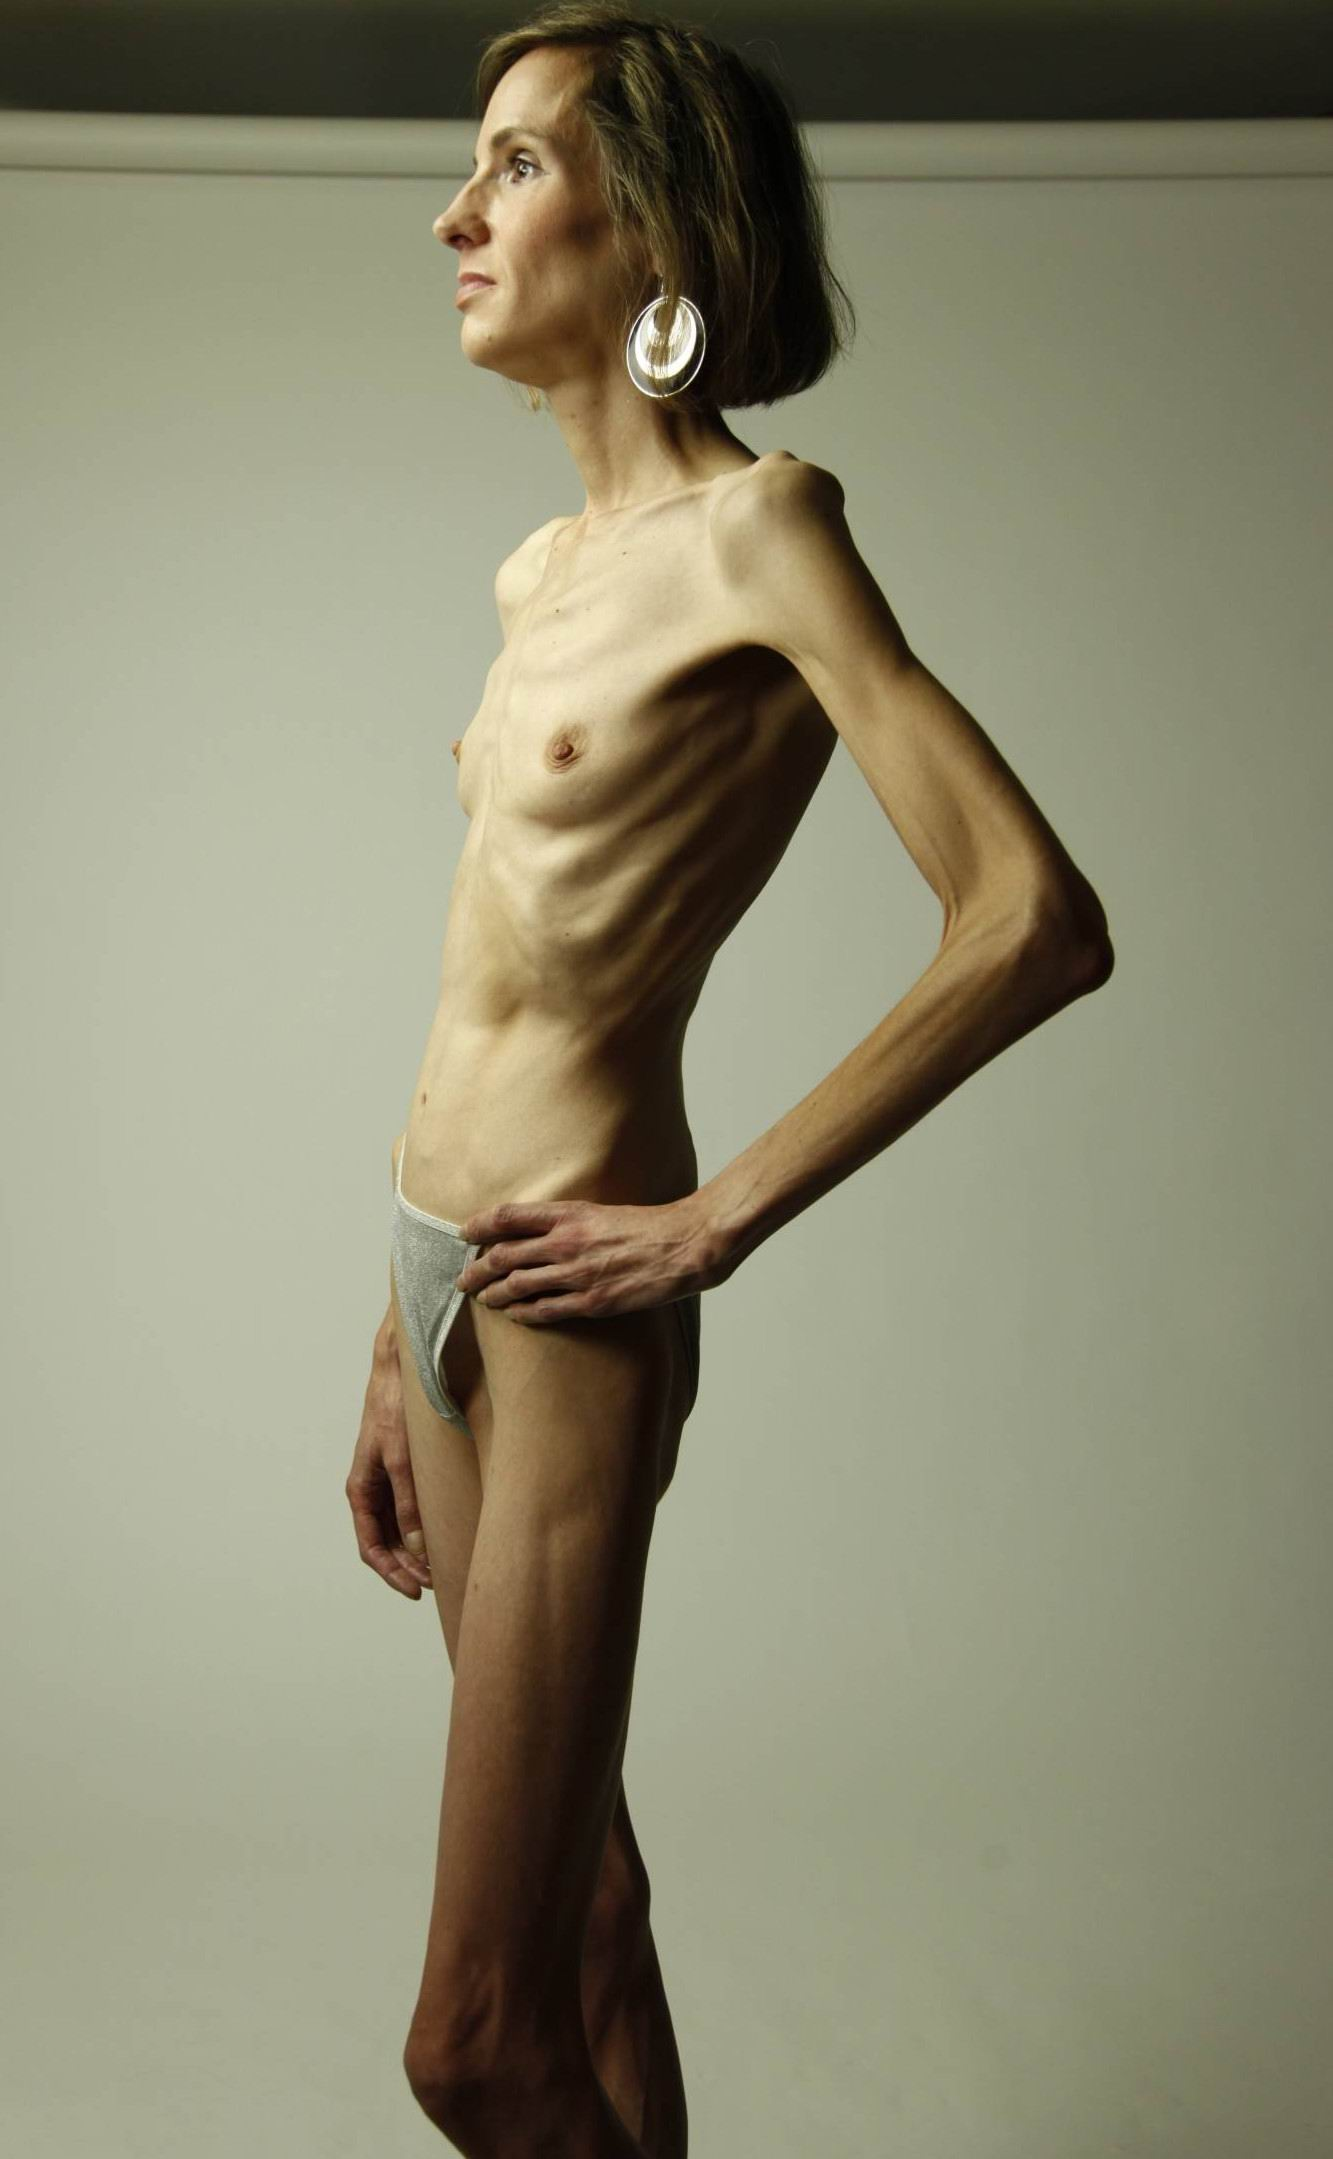 naked Skinny pregnant girls